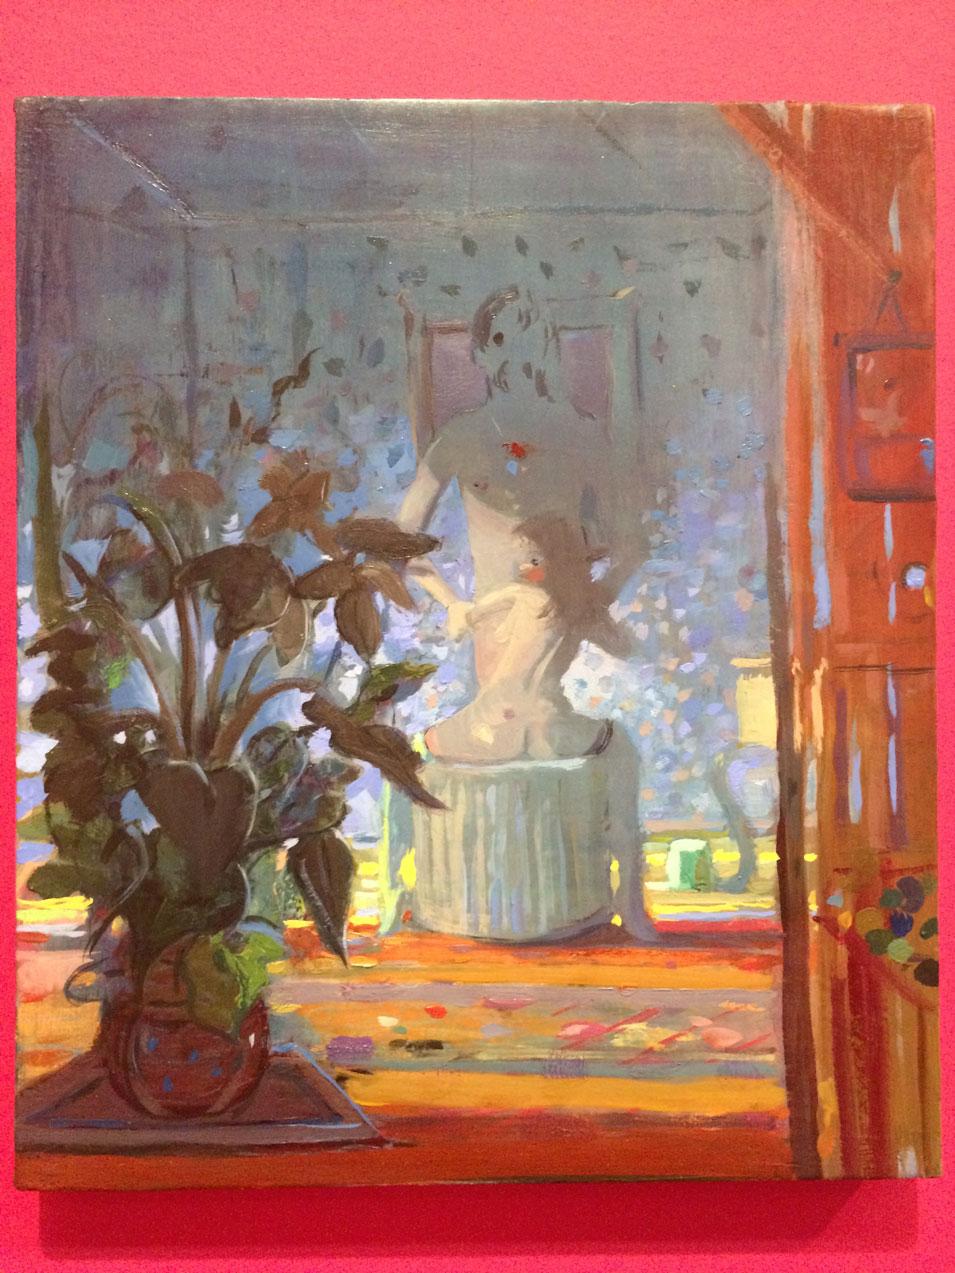 Lisa Yuskavage, Jeffrey Deitch, New York, NY